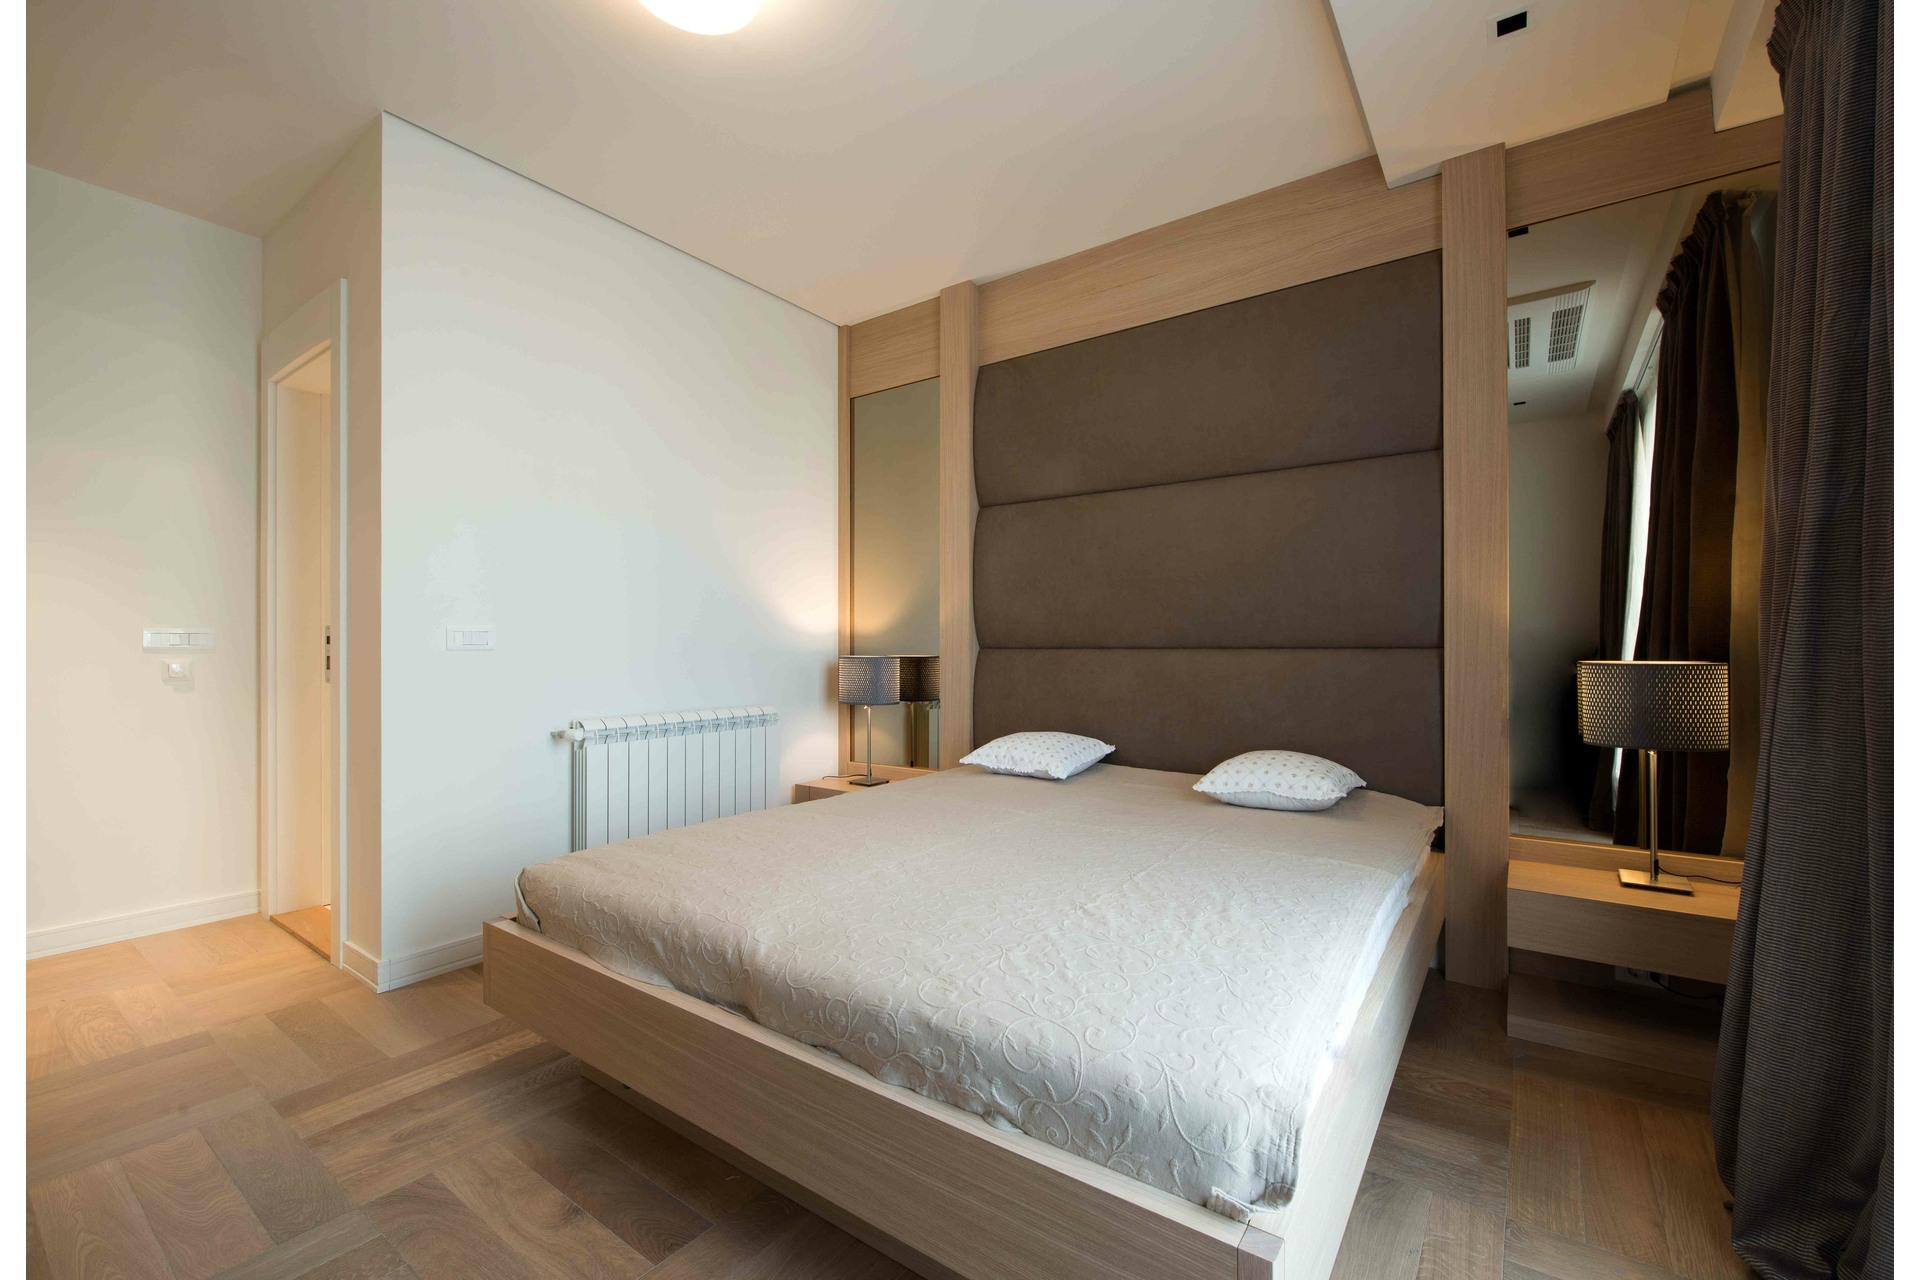 image 4 - Apartment For sale Montréal Verdun - 6 rooms